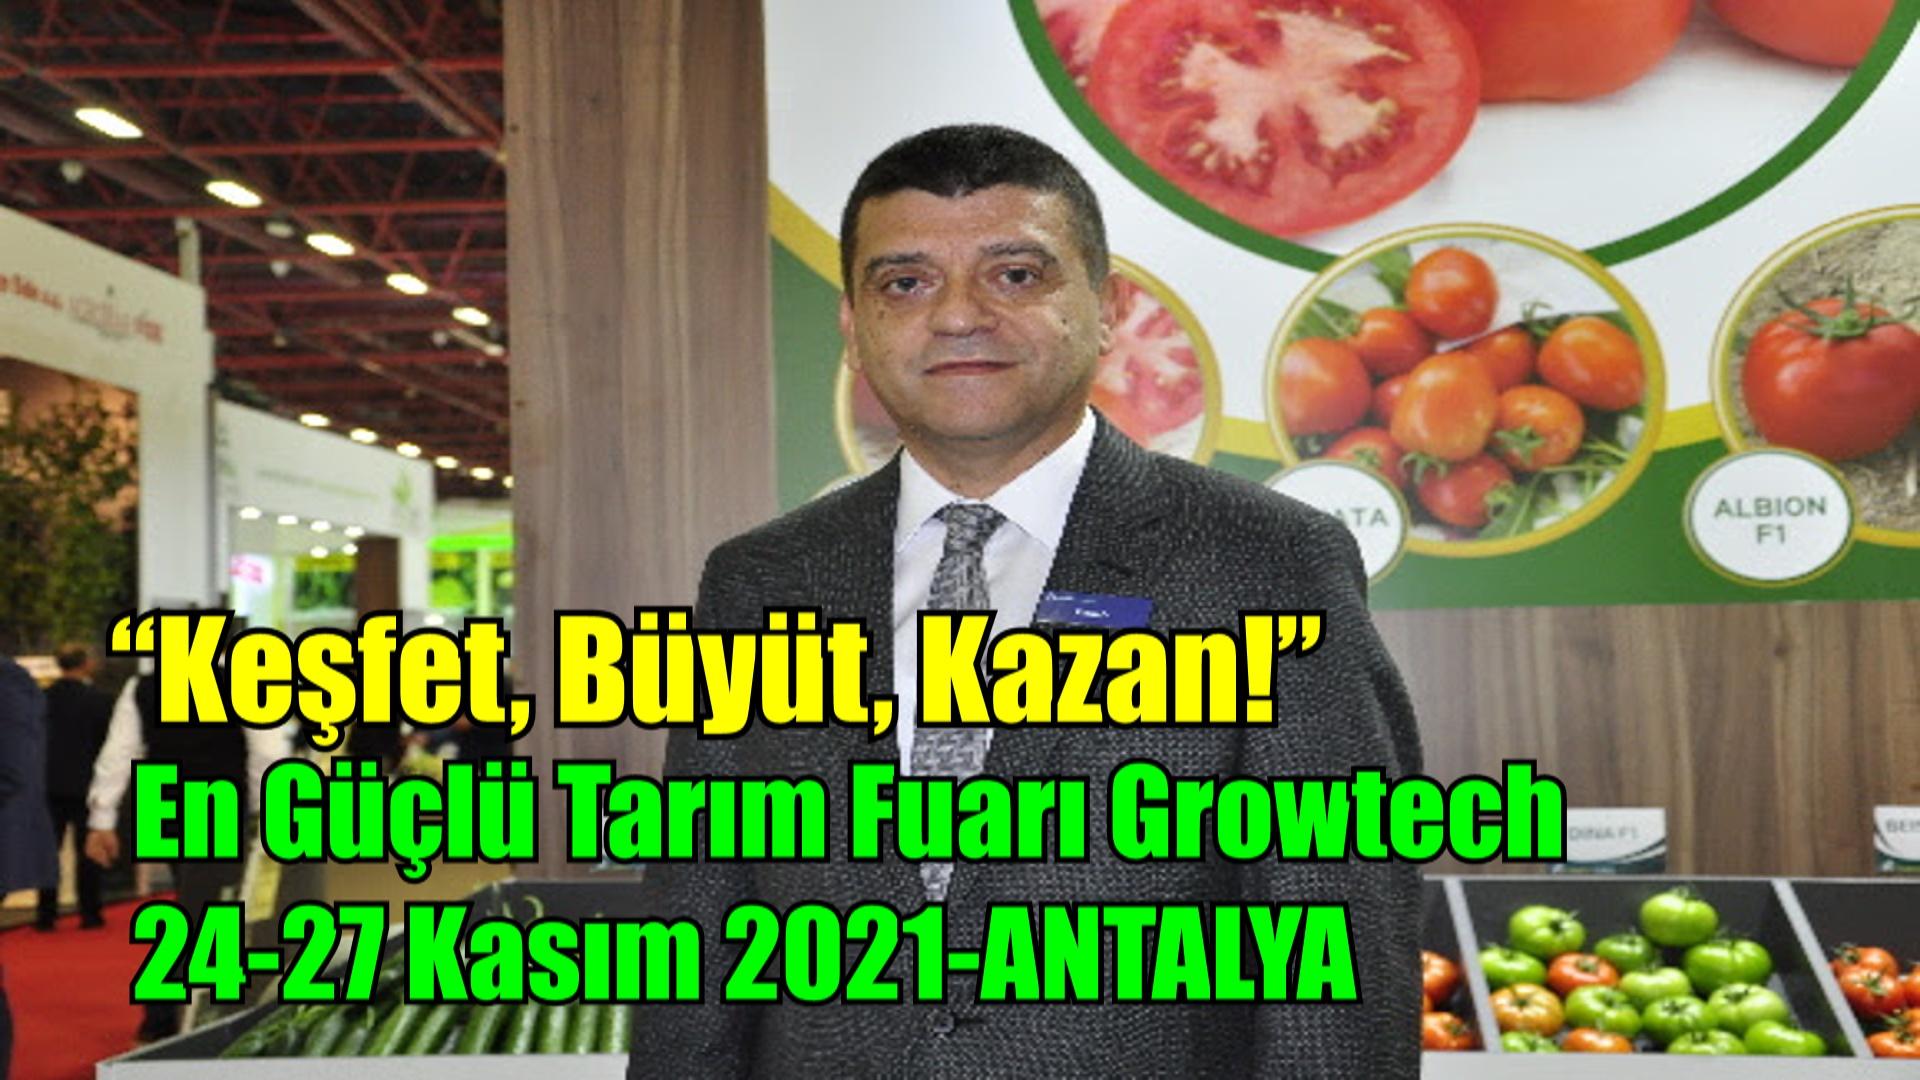 Tarım Sektörü Growtech için gün sayıyor